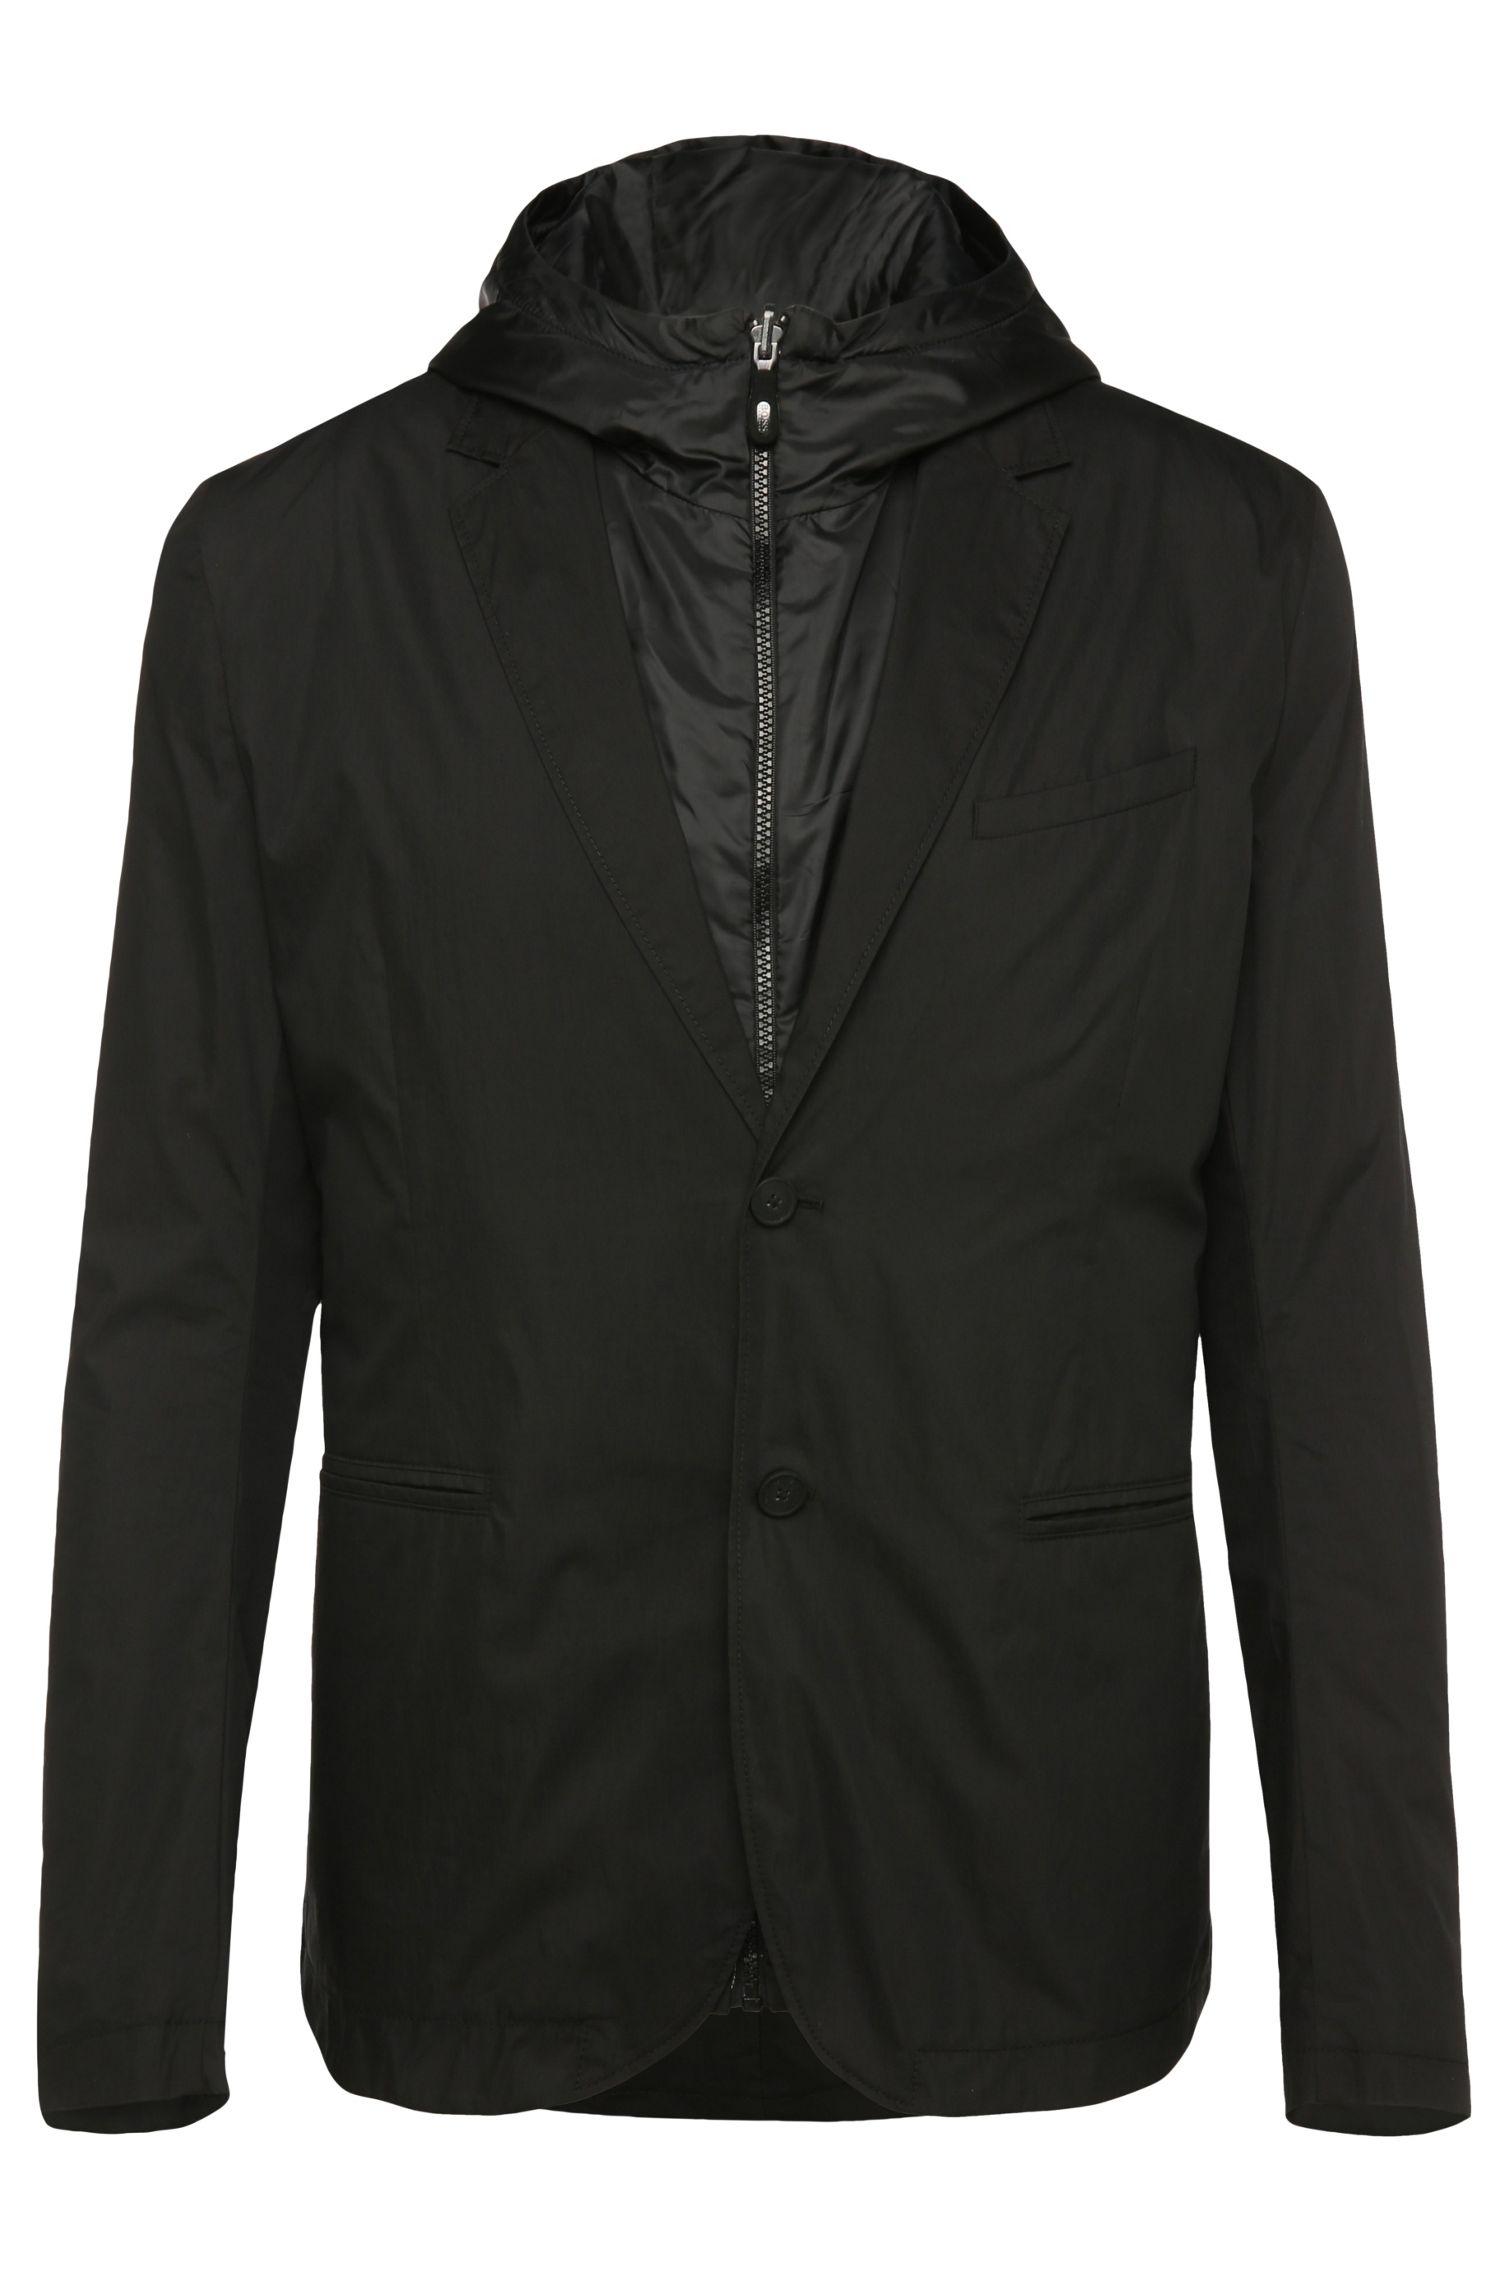 'Awond' | Regular Fit, Cotton Blend Sport Coat, Removable Hooded Vest